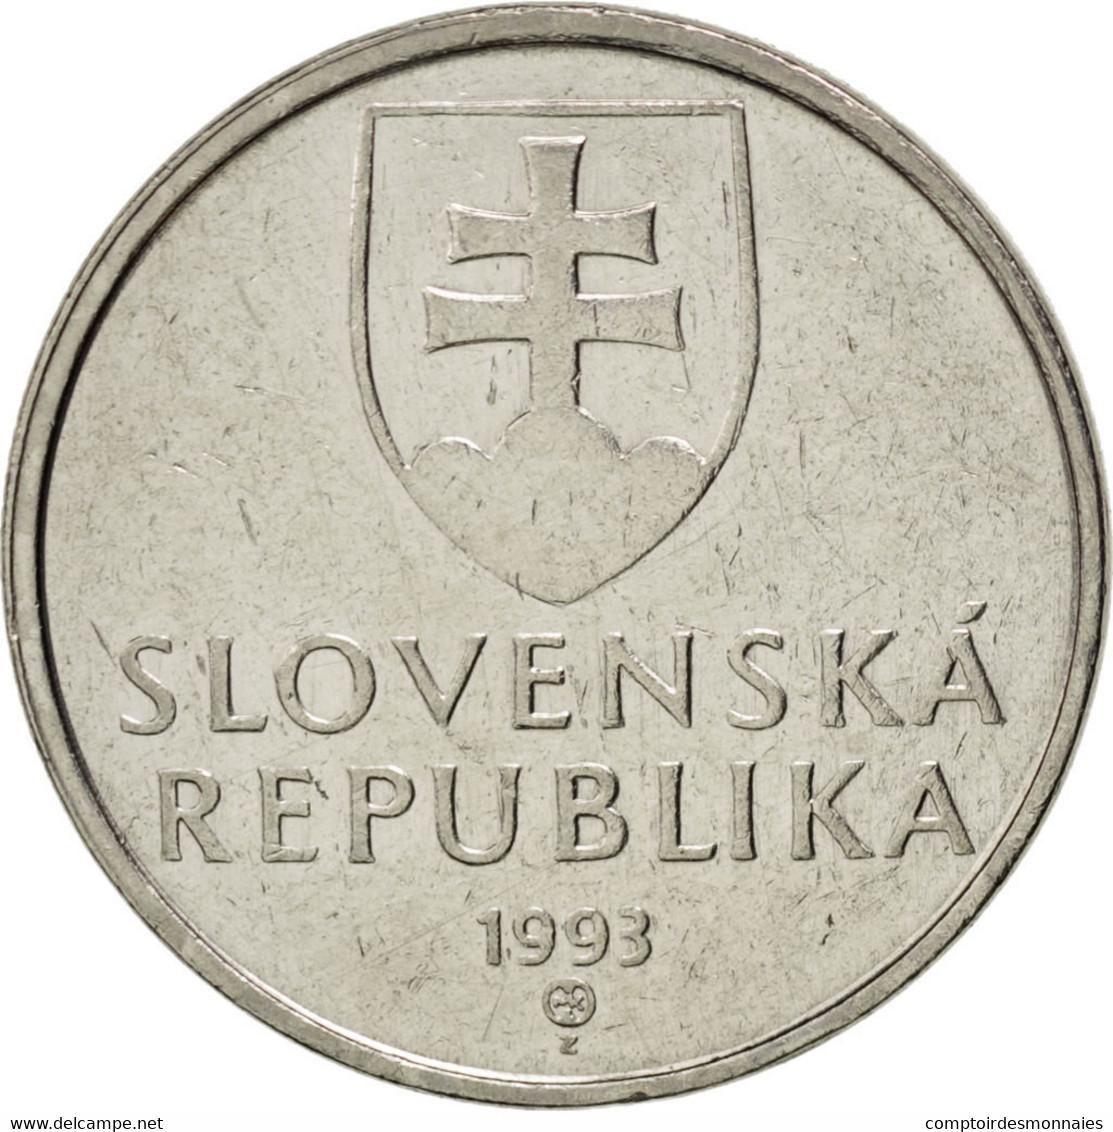 [#36637] Slovaquie, République, 5 Koruna, 1993, KM 14 - Slovaquie